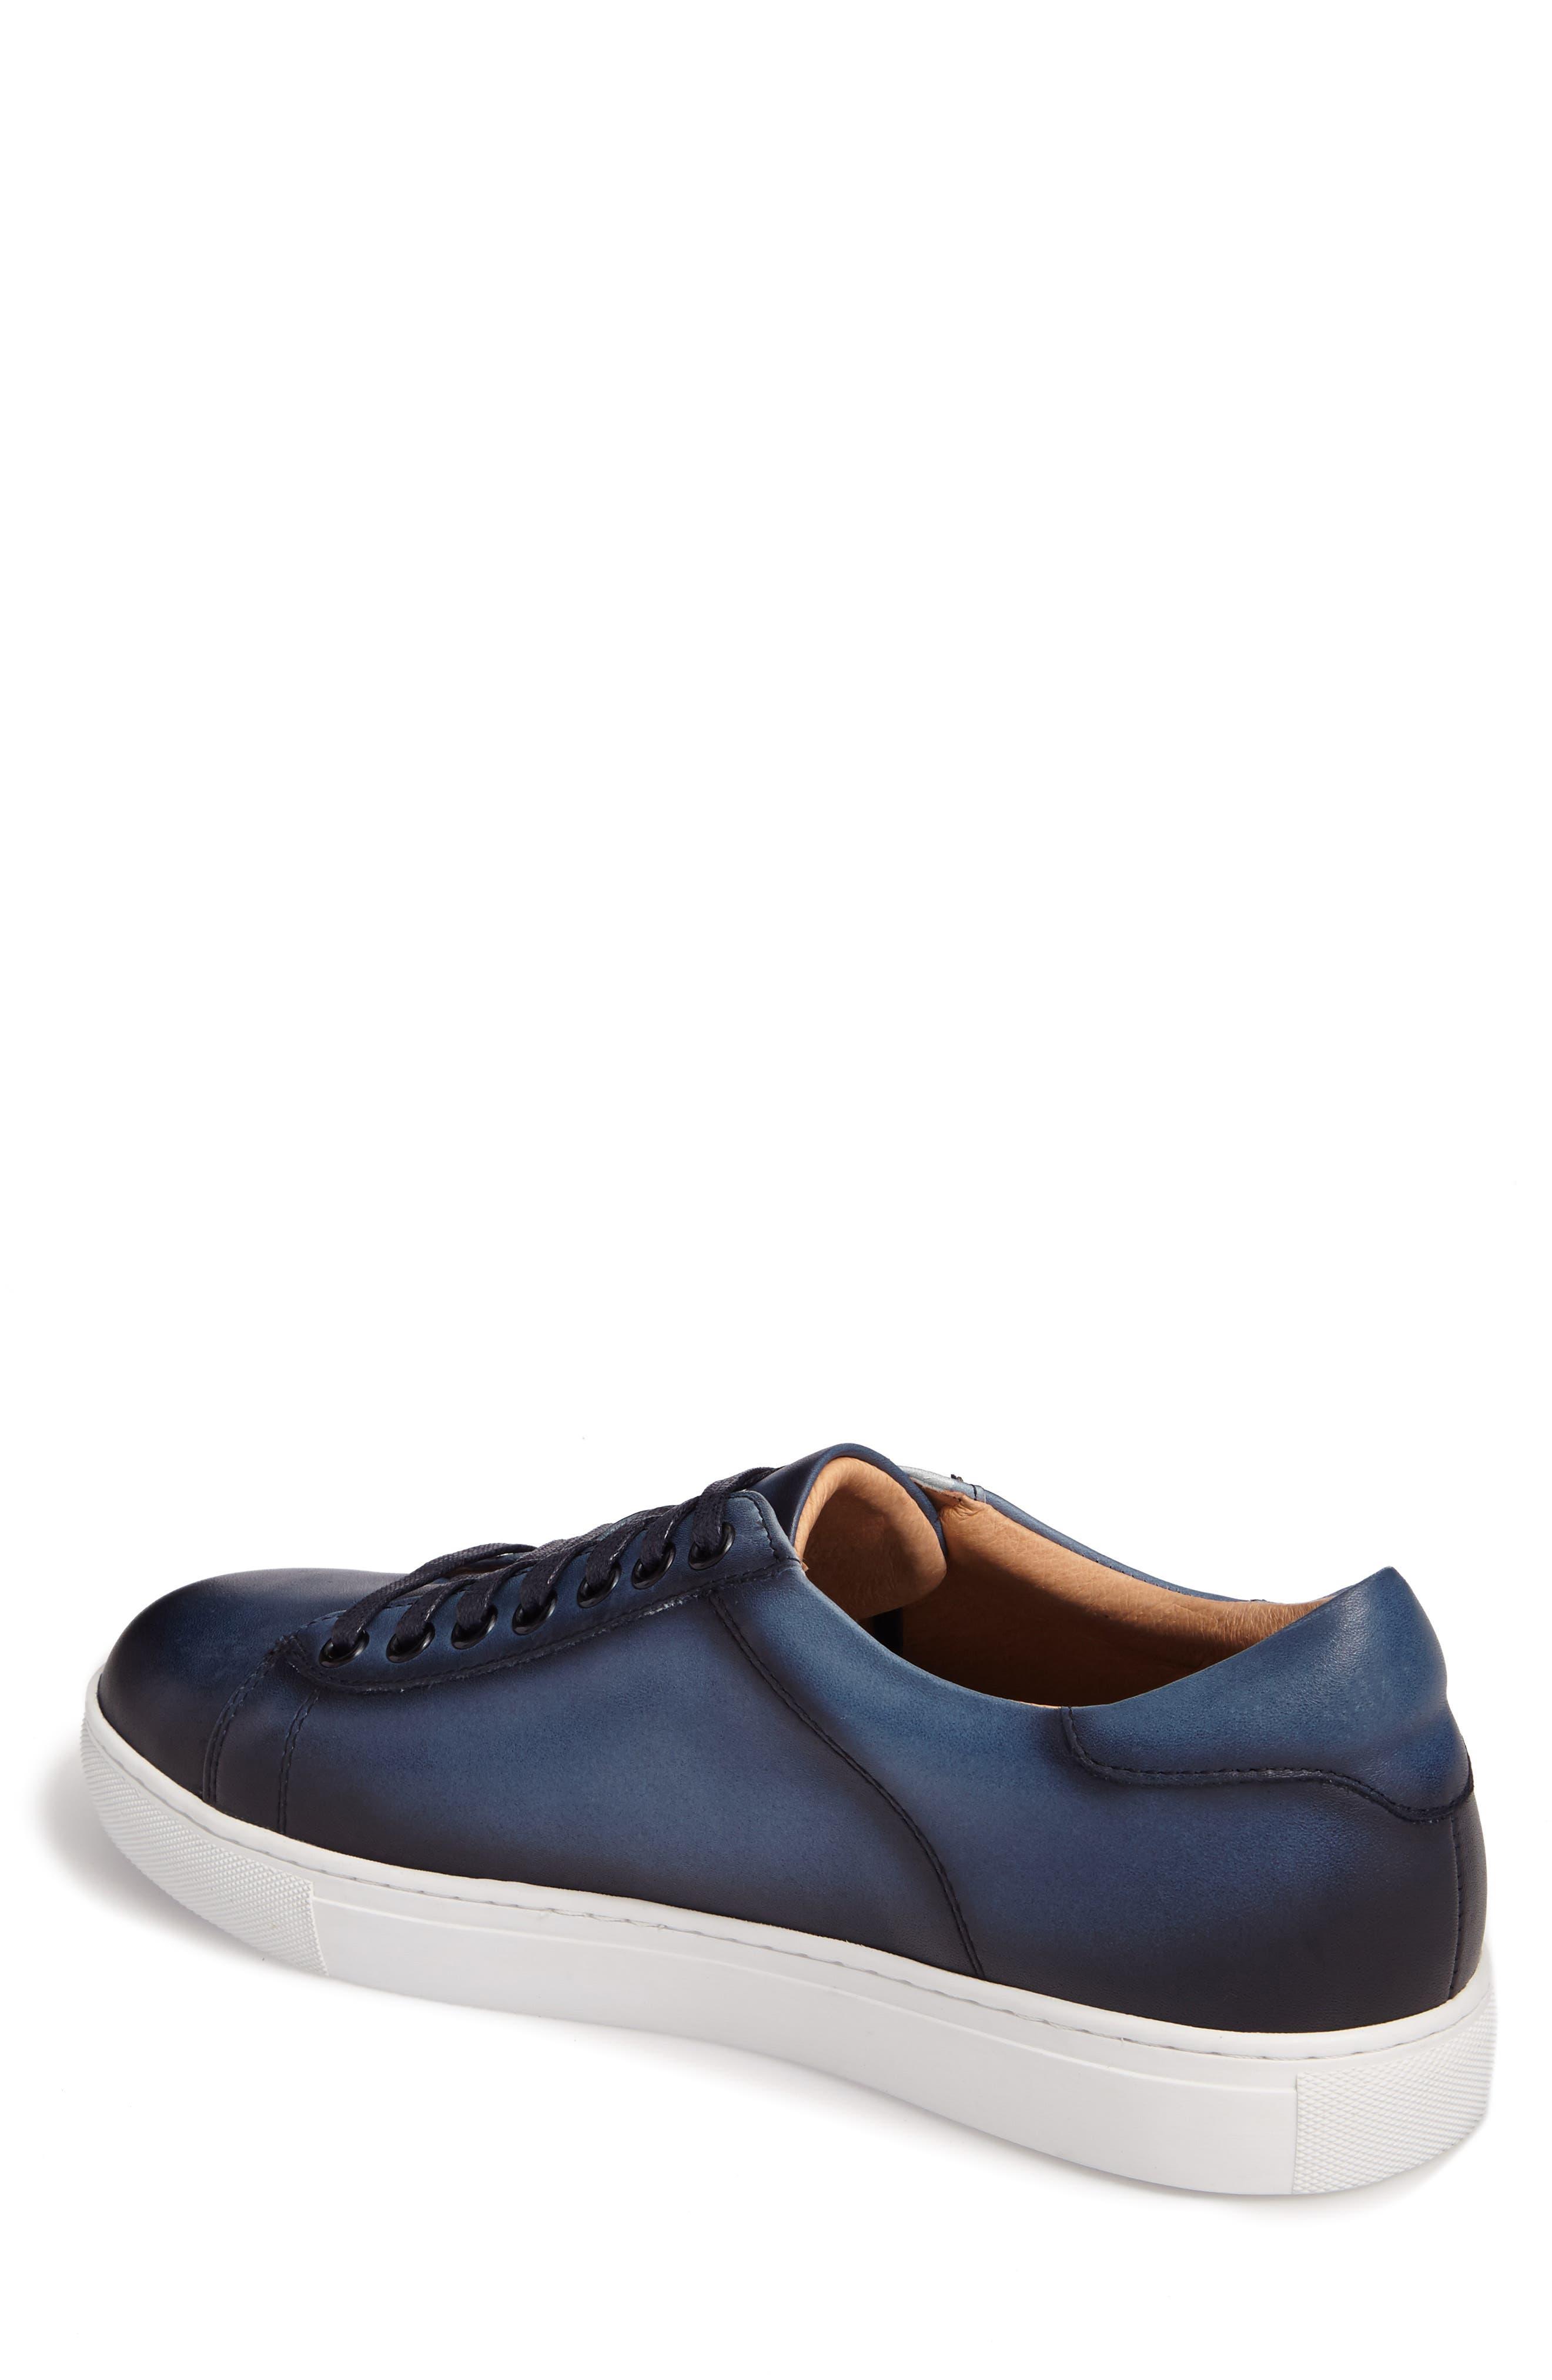 Penrose Sneaker,                             Alternate thumbnail 2, color,